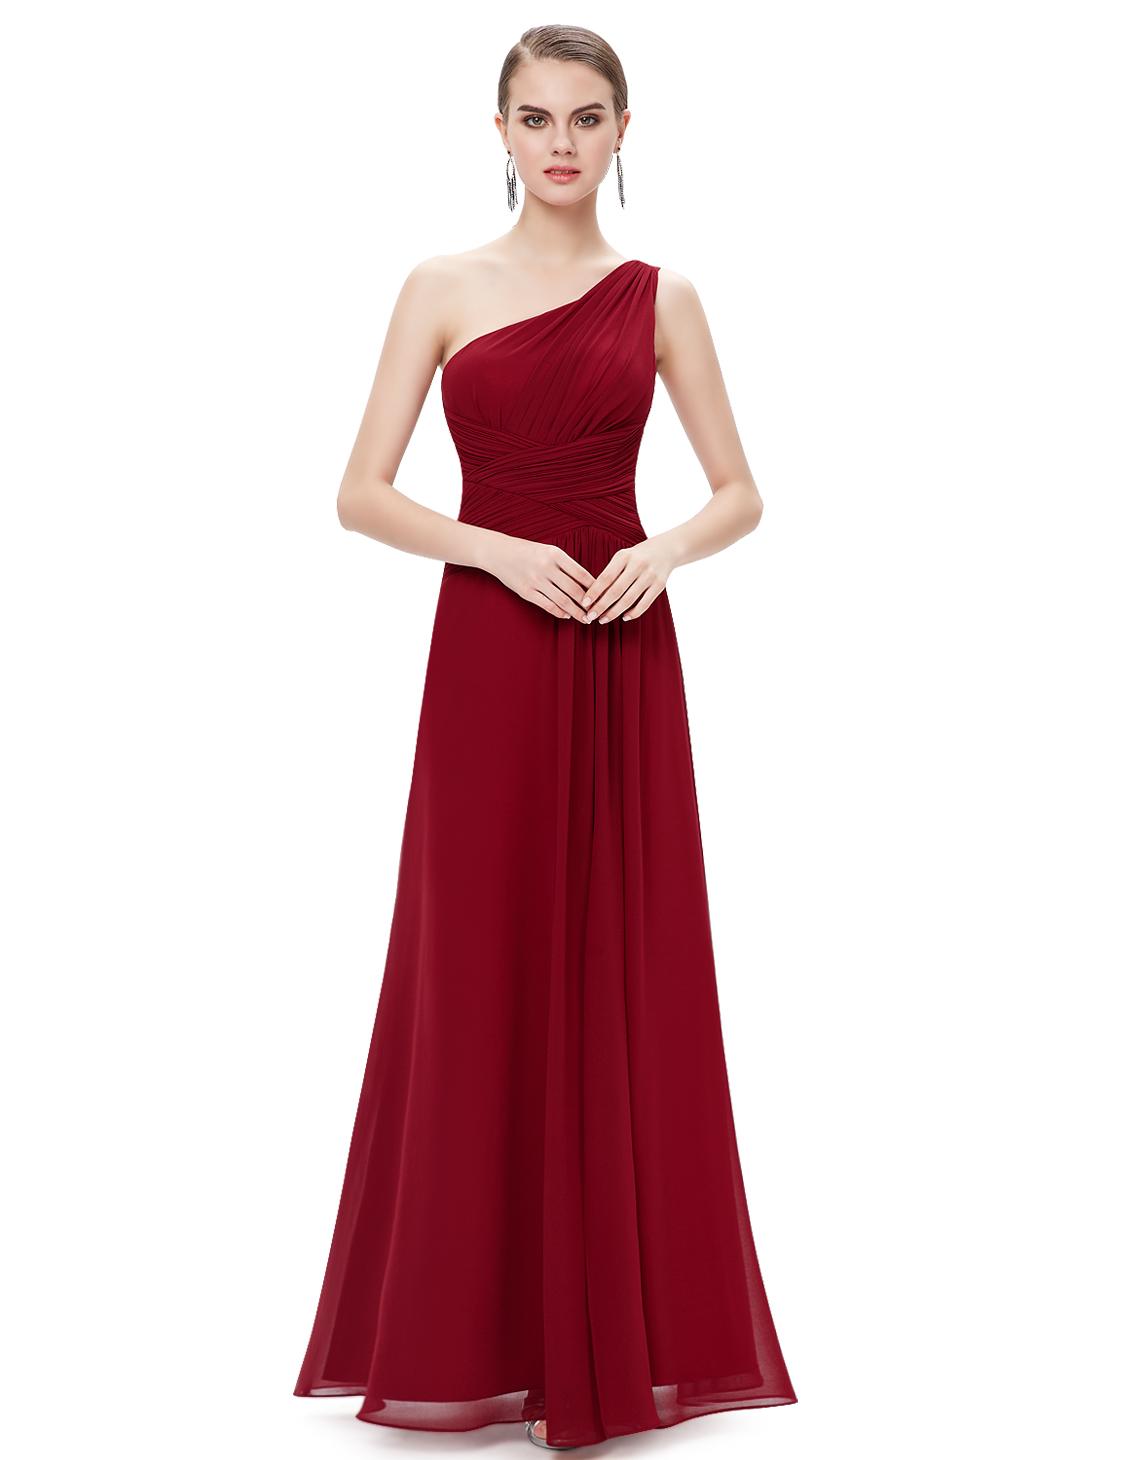 Hot one shoulder high slit formal evening party dresses bridesmaid hot one shoulder high slit formal evening party ombrellifo Images